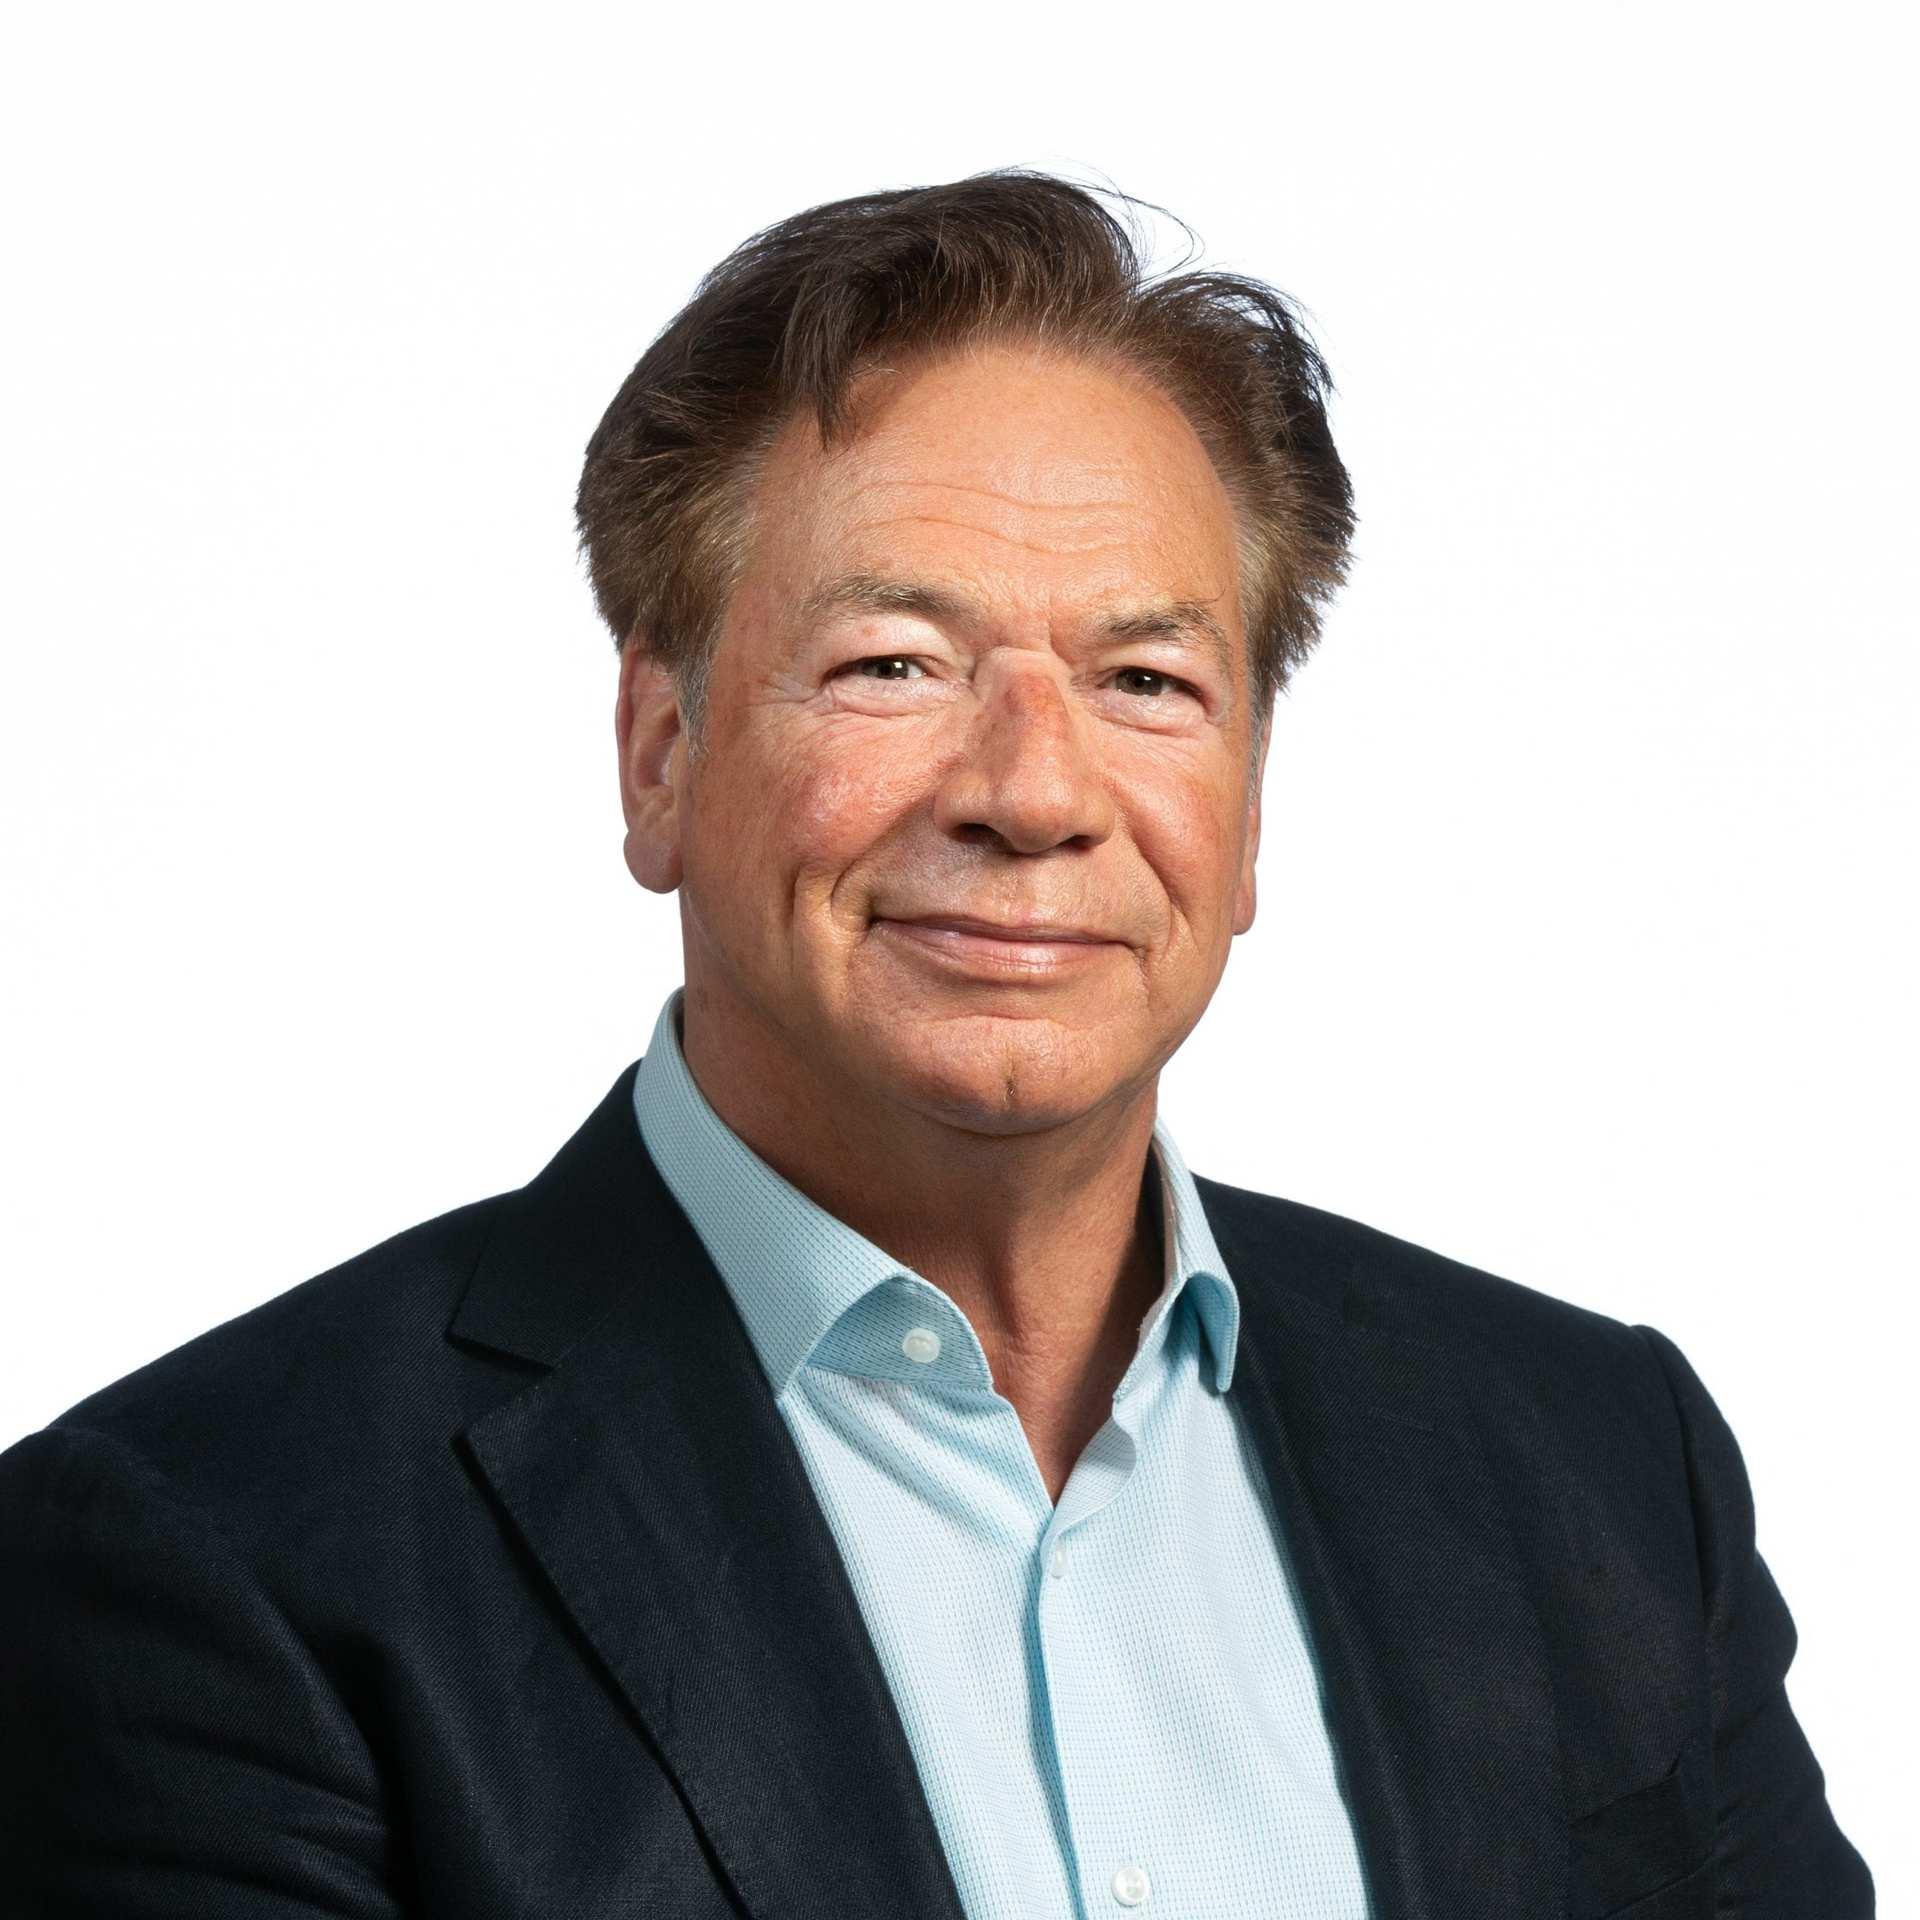 Michel de Kok